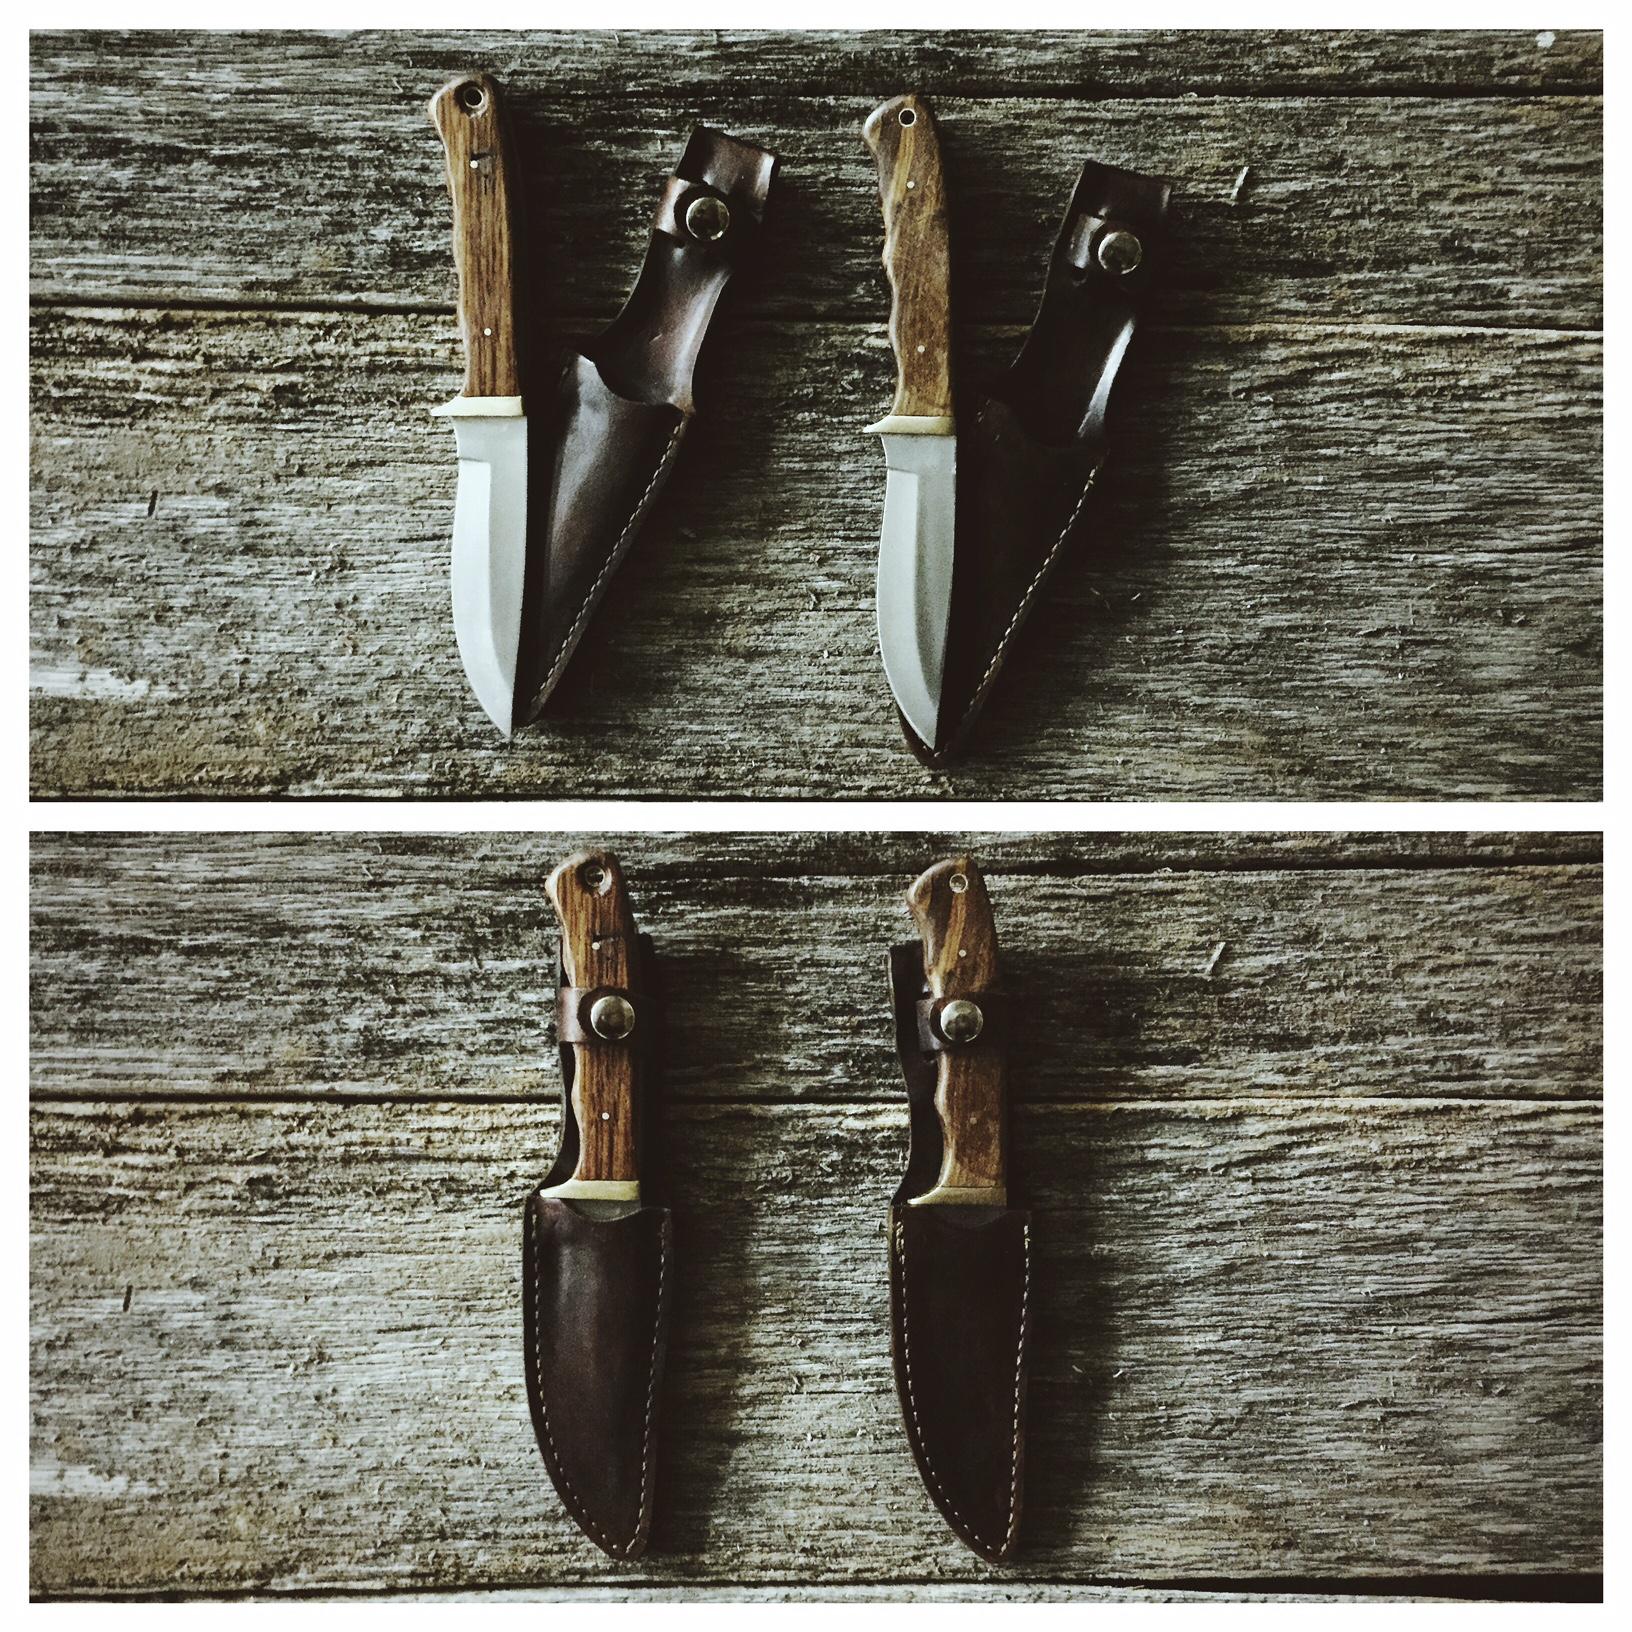 wood knives